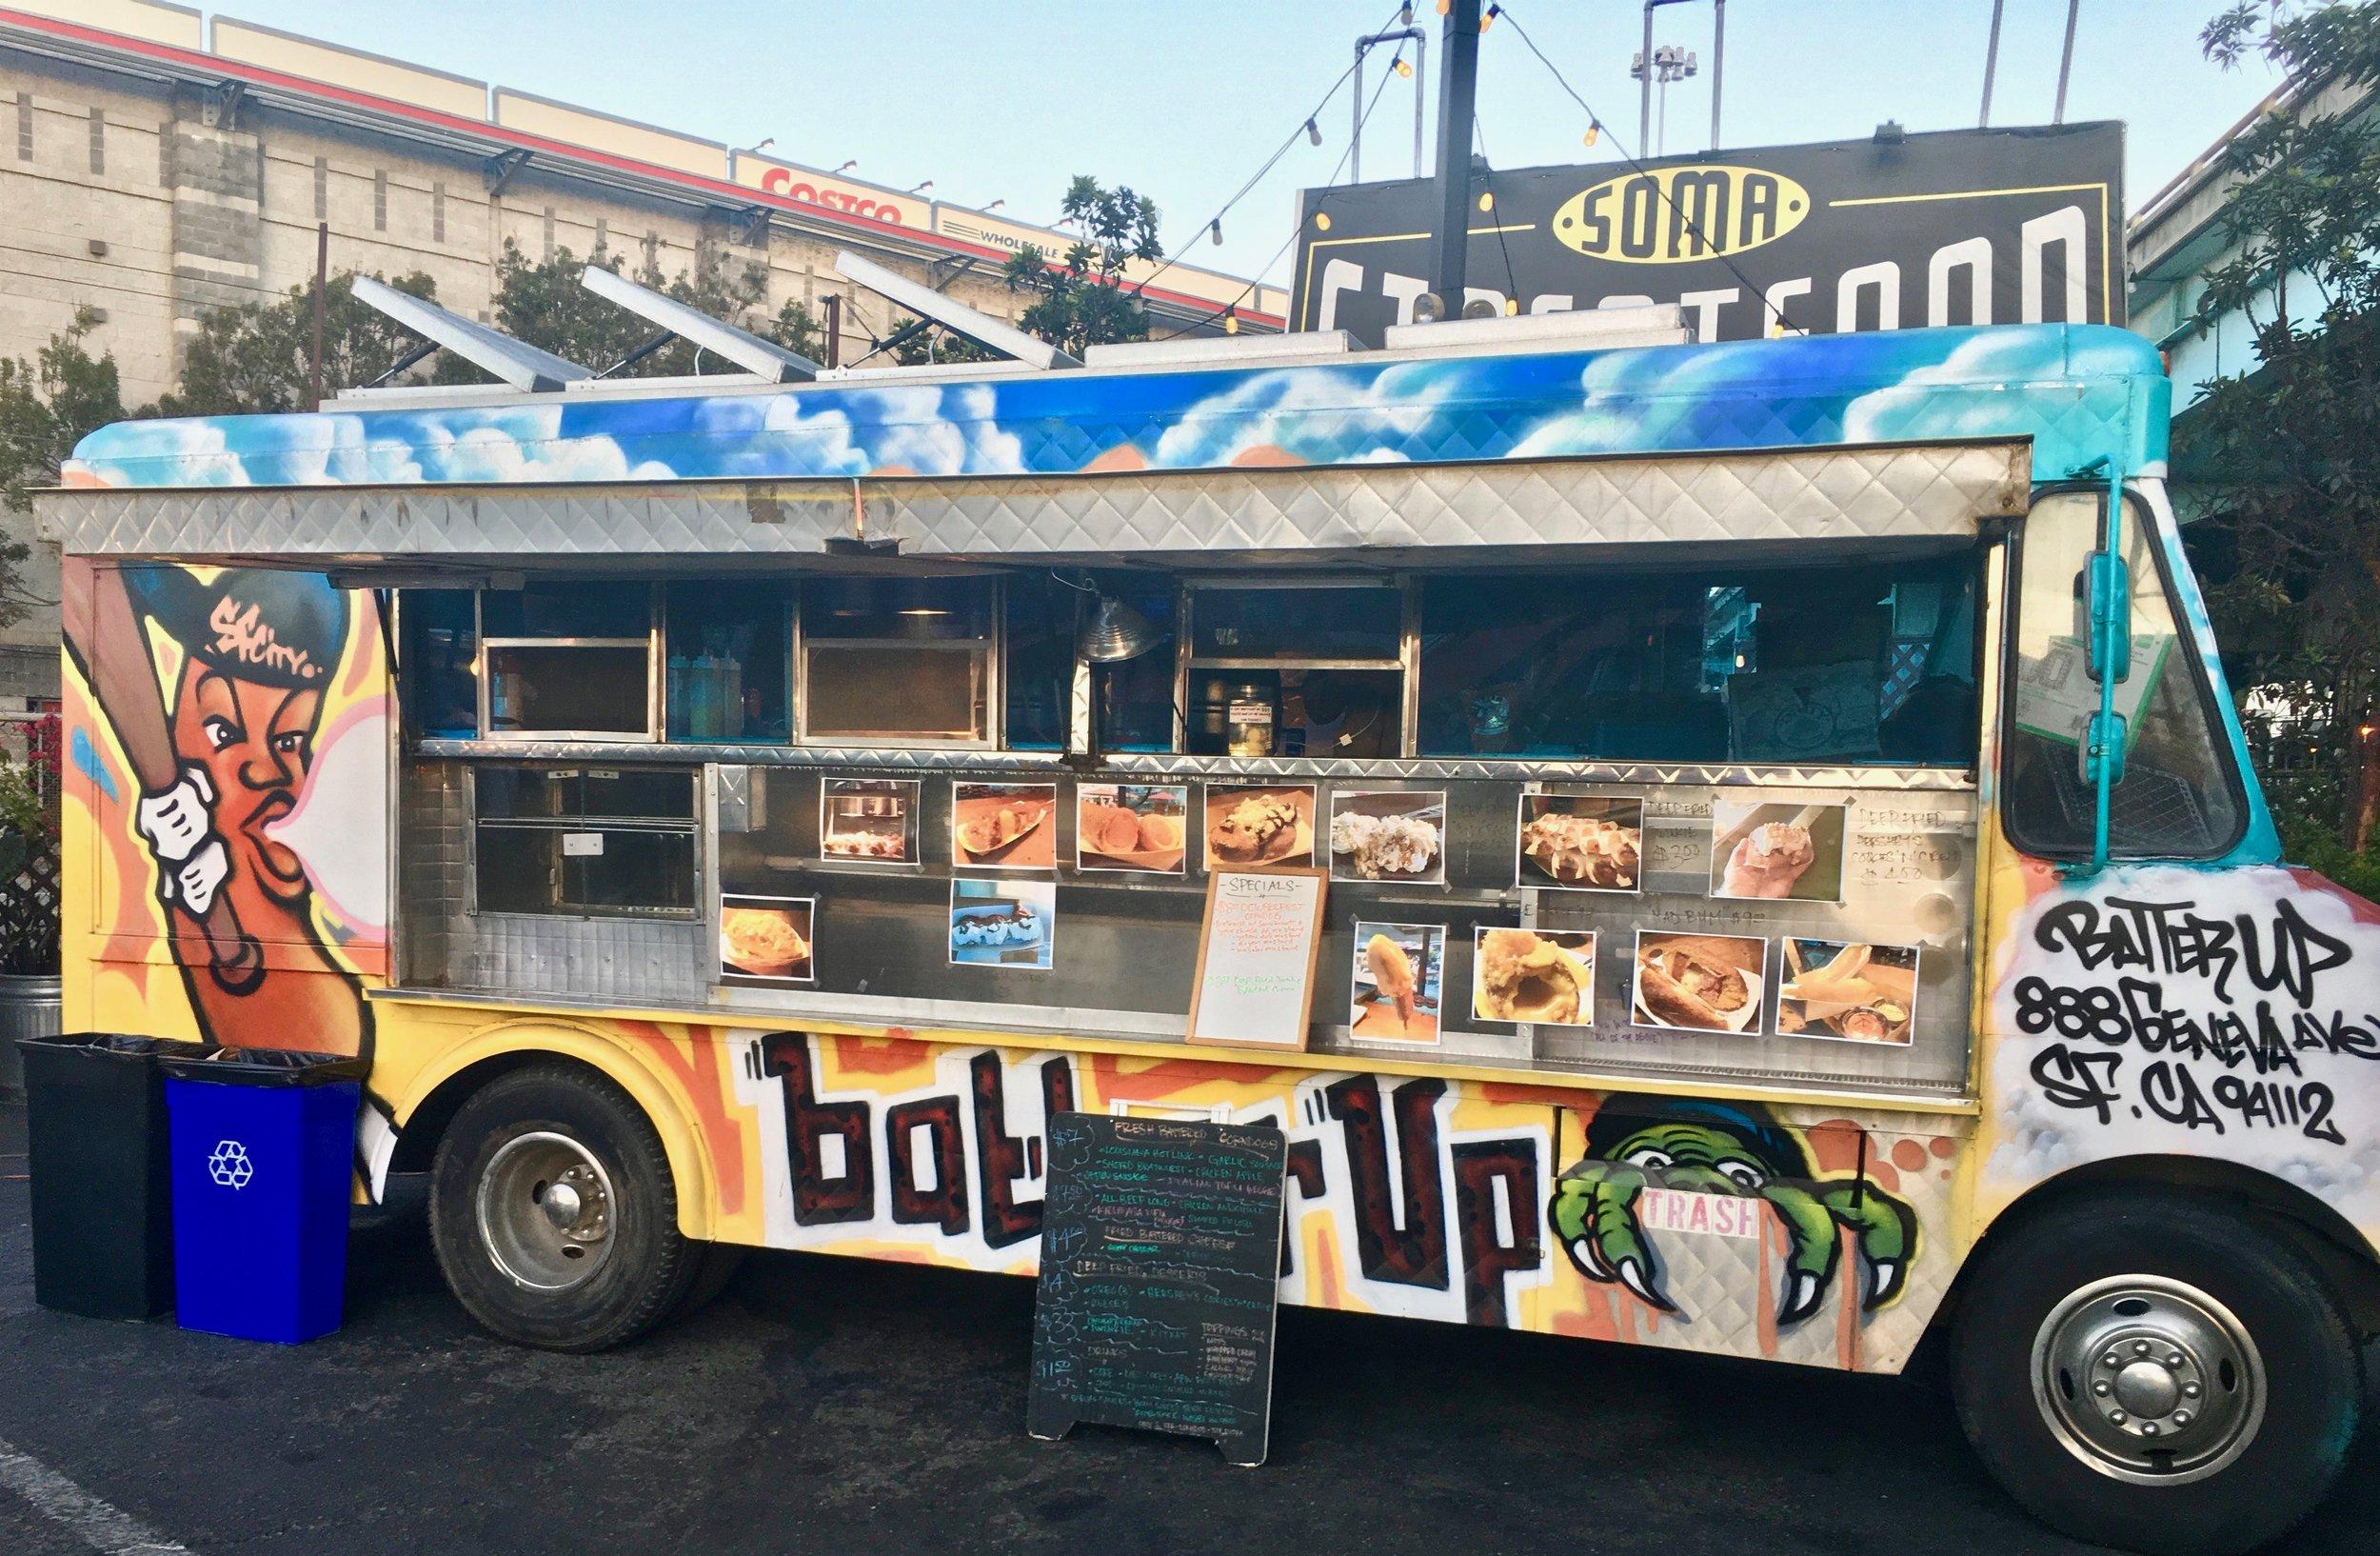 Batter Up food truck